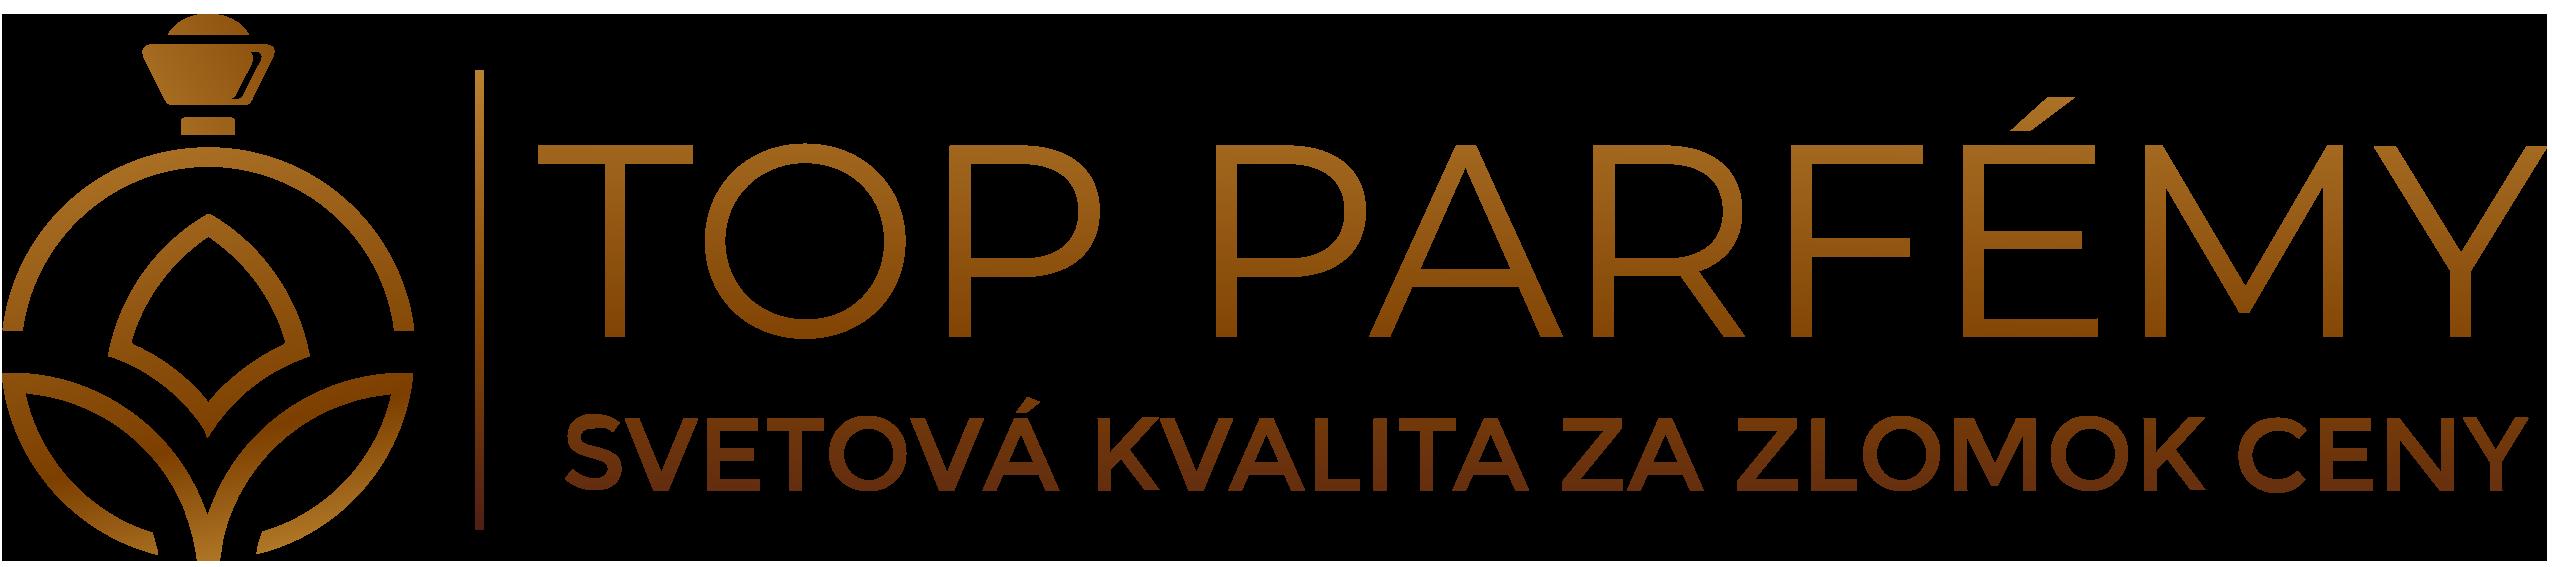 TOP - PARFÉMY